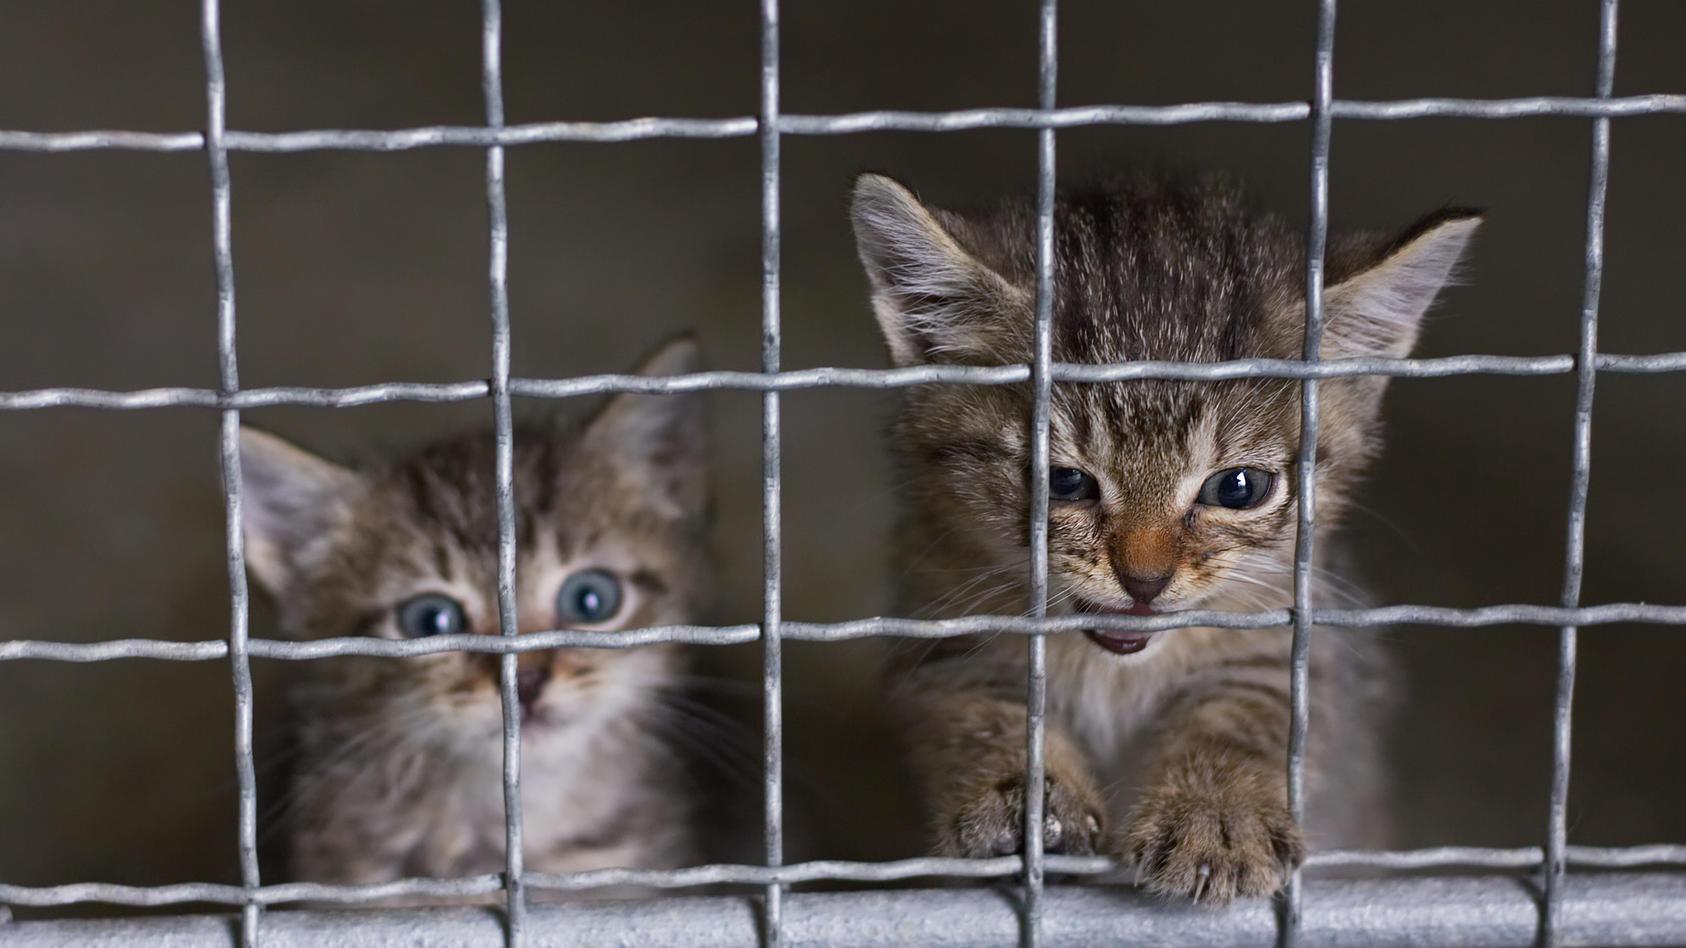 Ein Tierheim in Sachsen-Anhalt hat vier Kätzchen aufgenommen, nachdem sie einfach über den Zaun geworfen wurden. (Symbolbild)